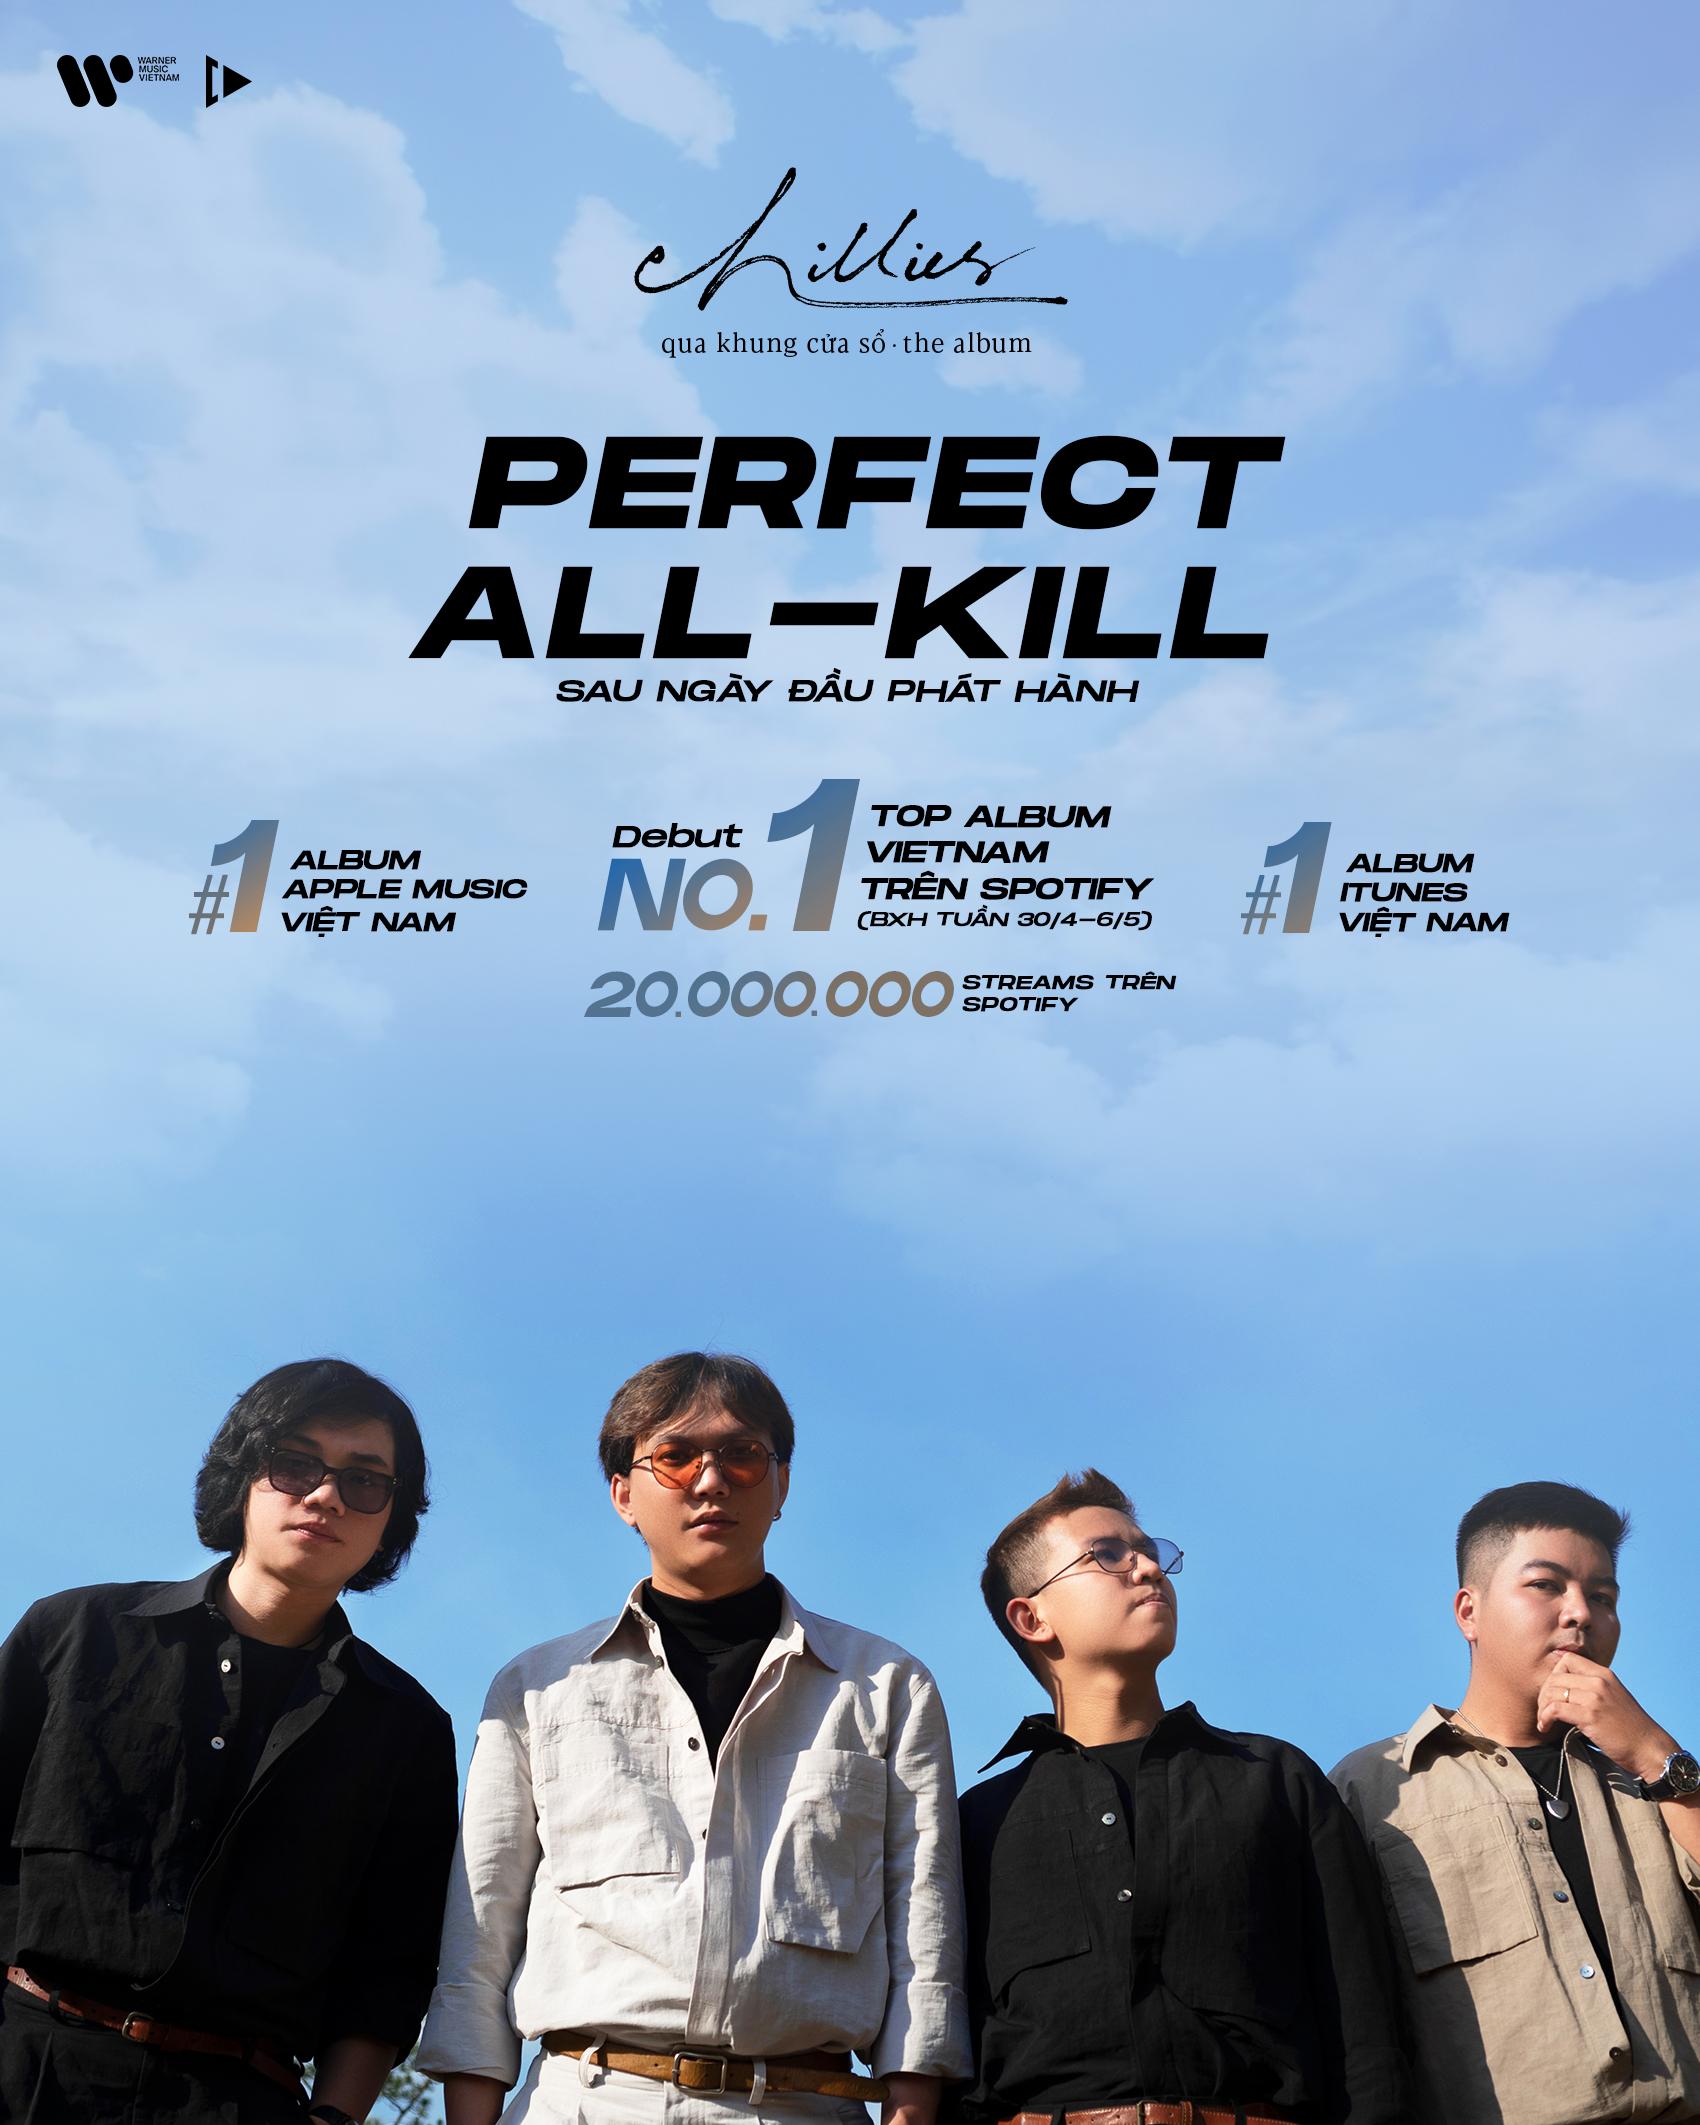 Chillies đạt Perfect All-Kill trên các nền tảng nhạc số với album Qua khung cửa sổ, xuất hiện trên MTV Asia